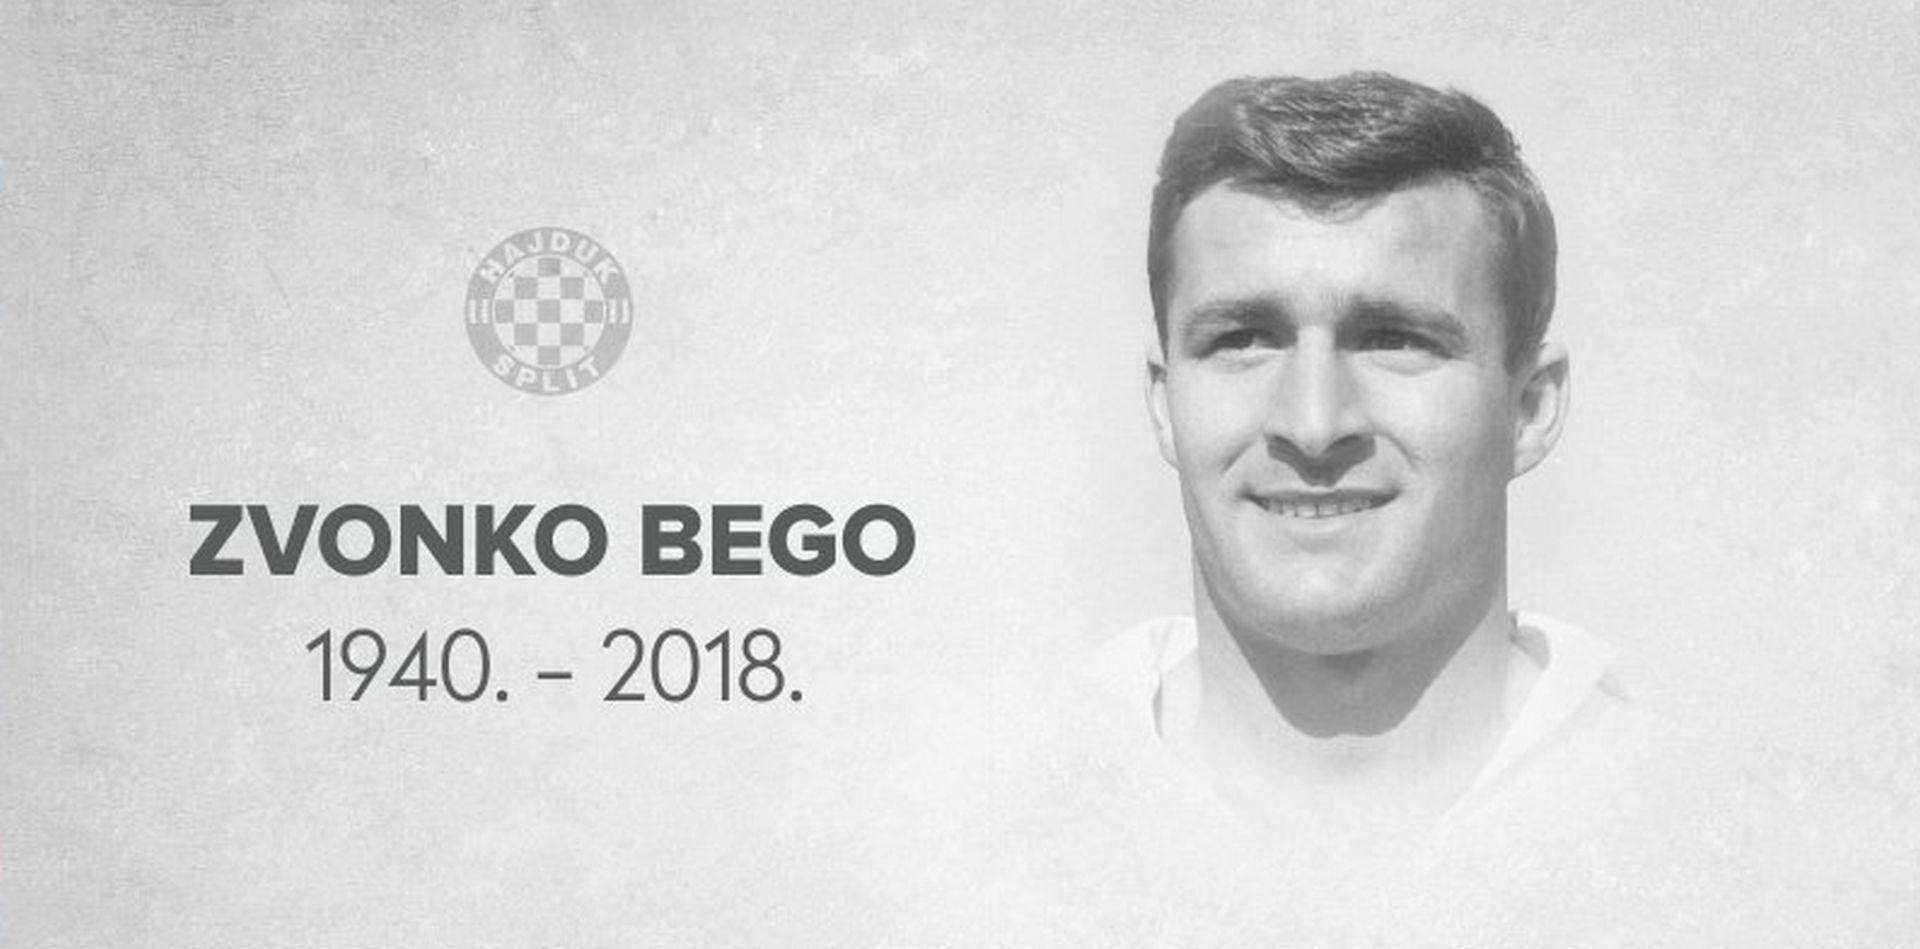 Preminuo Zvonko Bego, jedna od najvećih legendi Hajduka